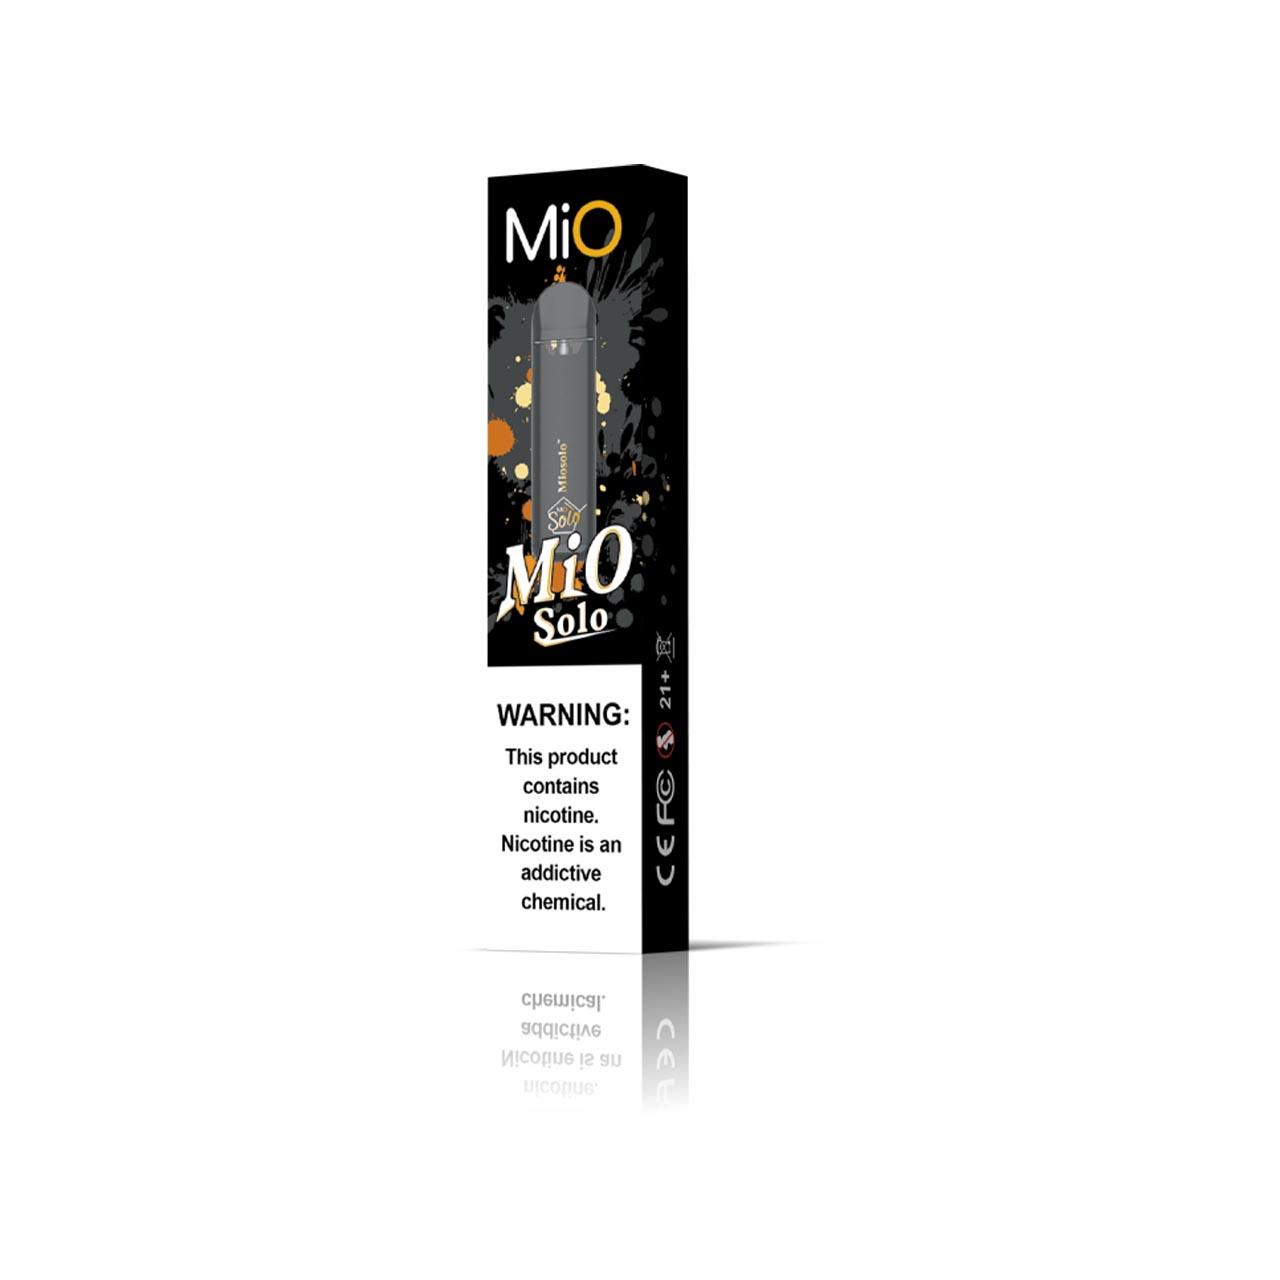 MiO Solo Pod Kit Wholesale | Mio Vapor Wholesale